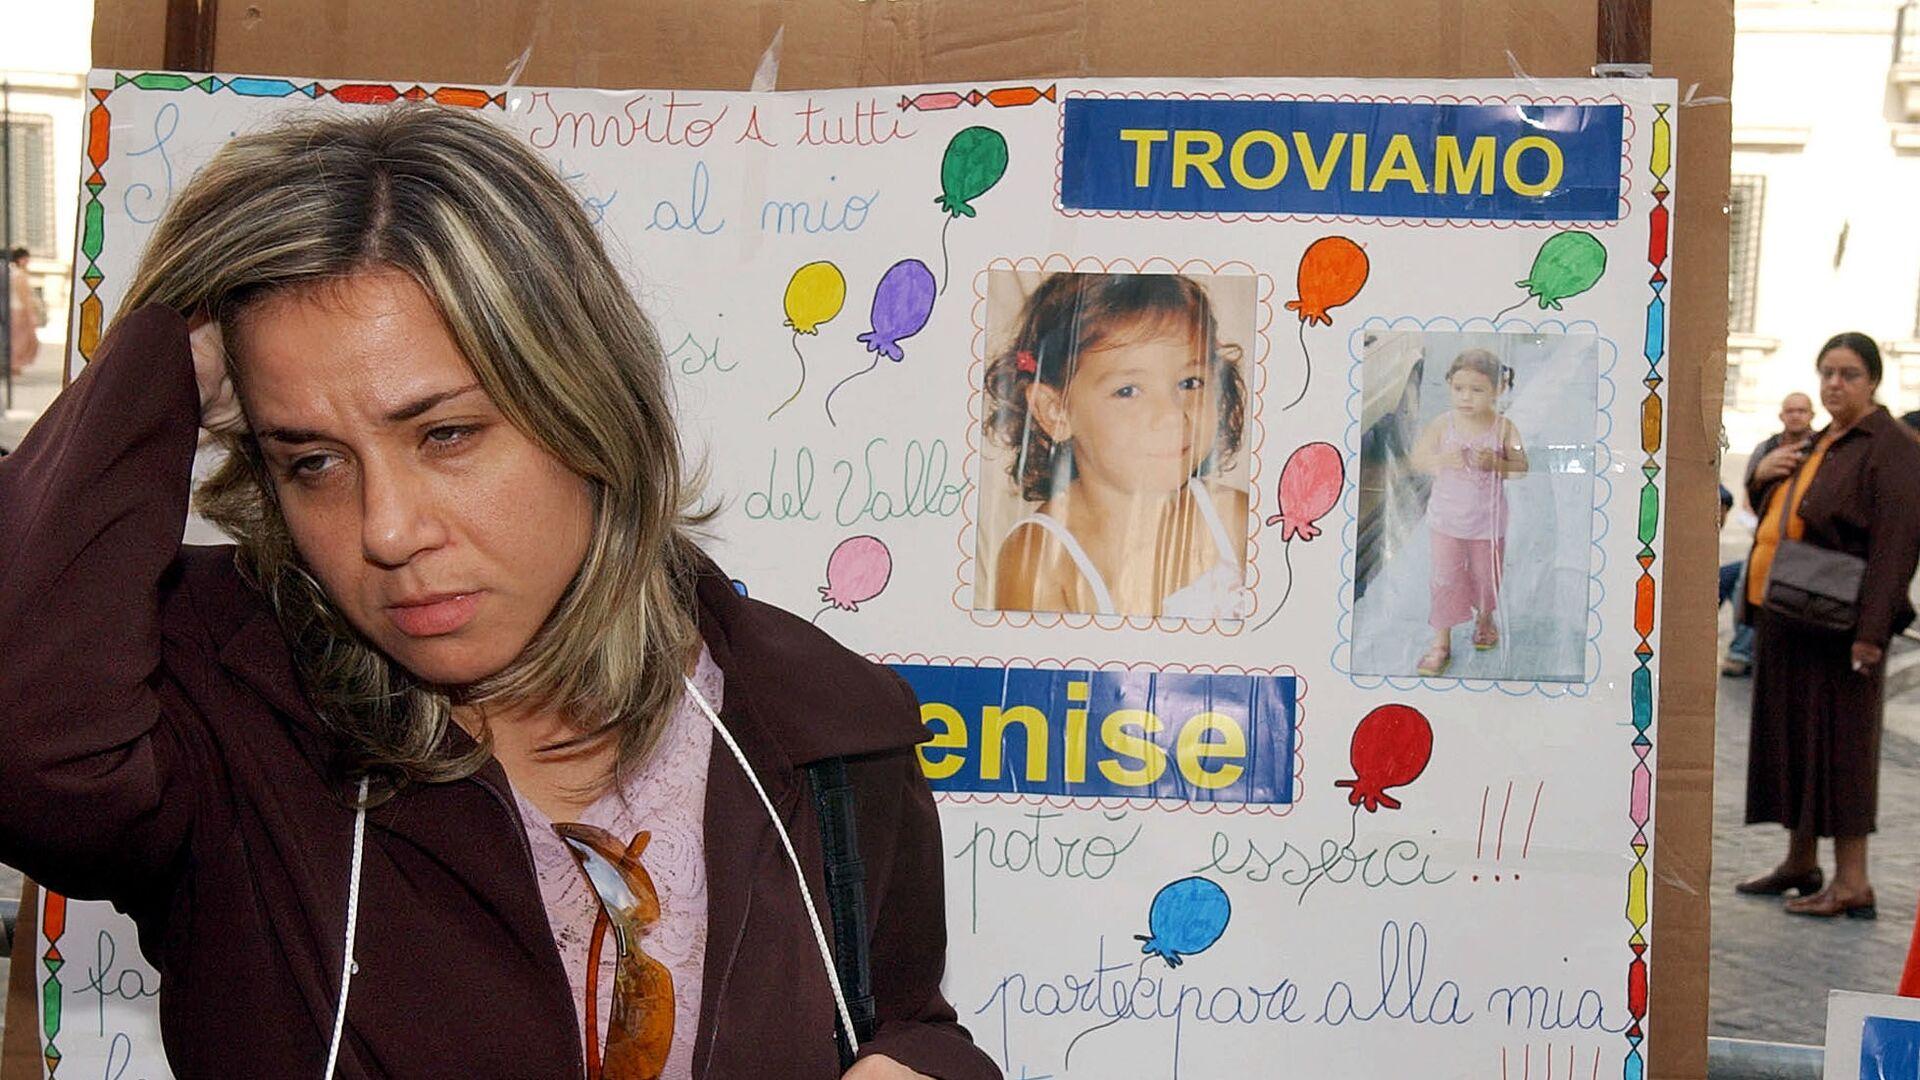 La madre della ragazza scomparsa Denise Pipitone con le sue foto a Roma - Sputnik Italia, 1920, 06.05.2021